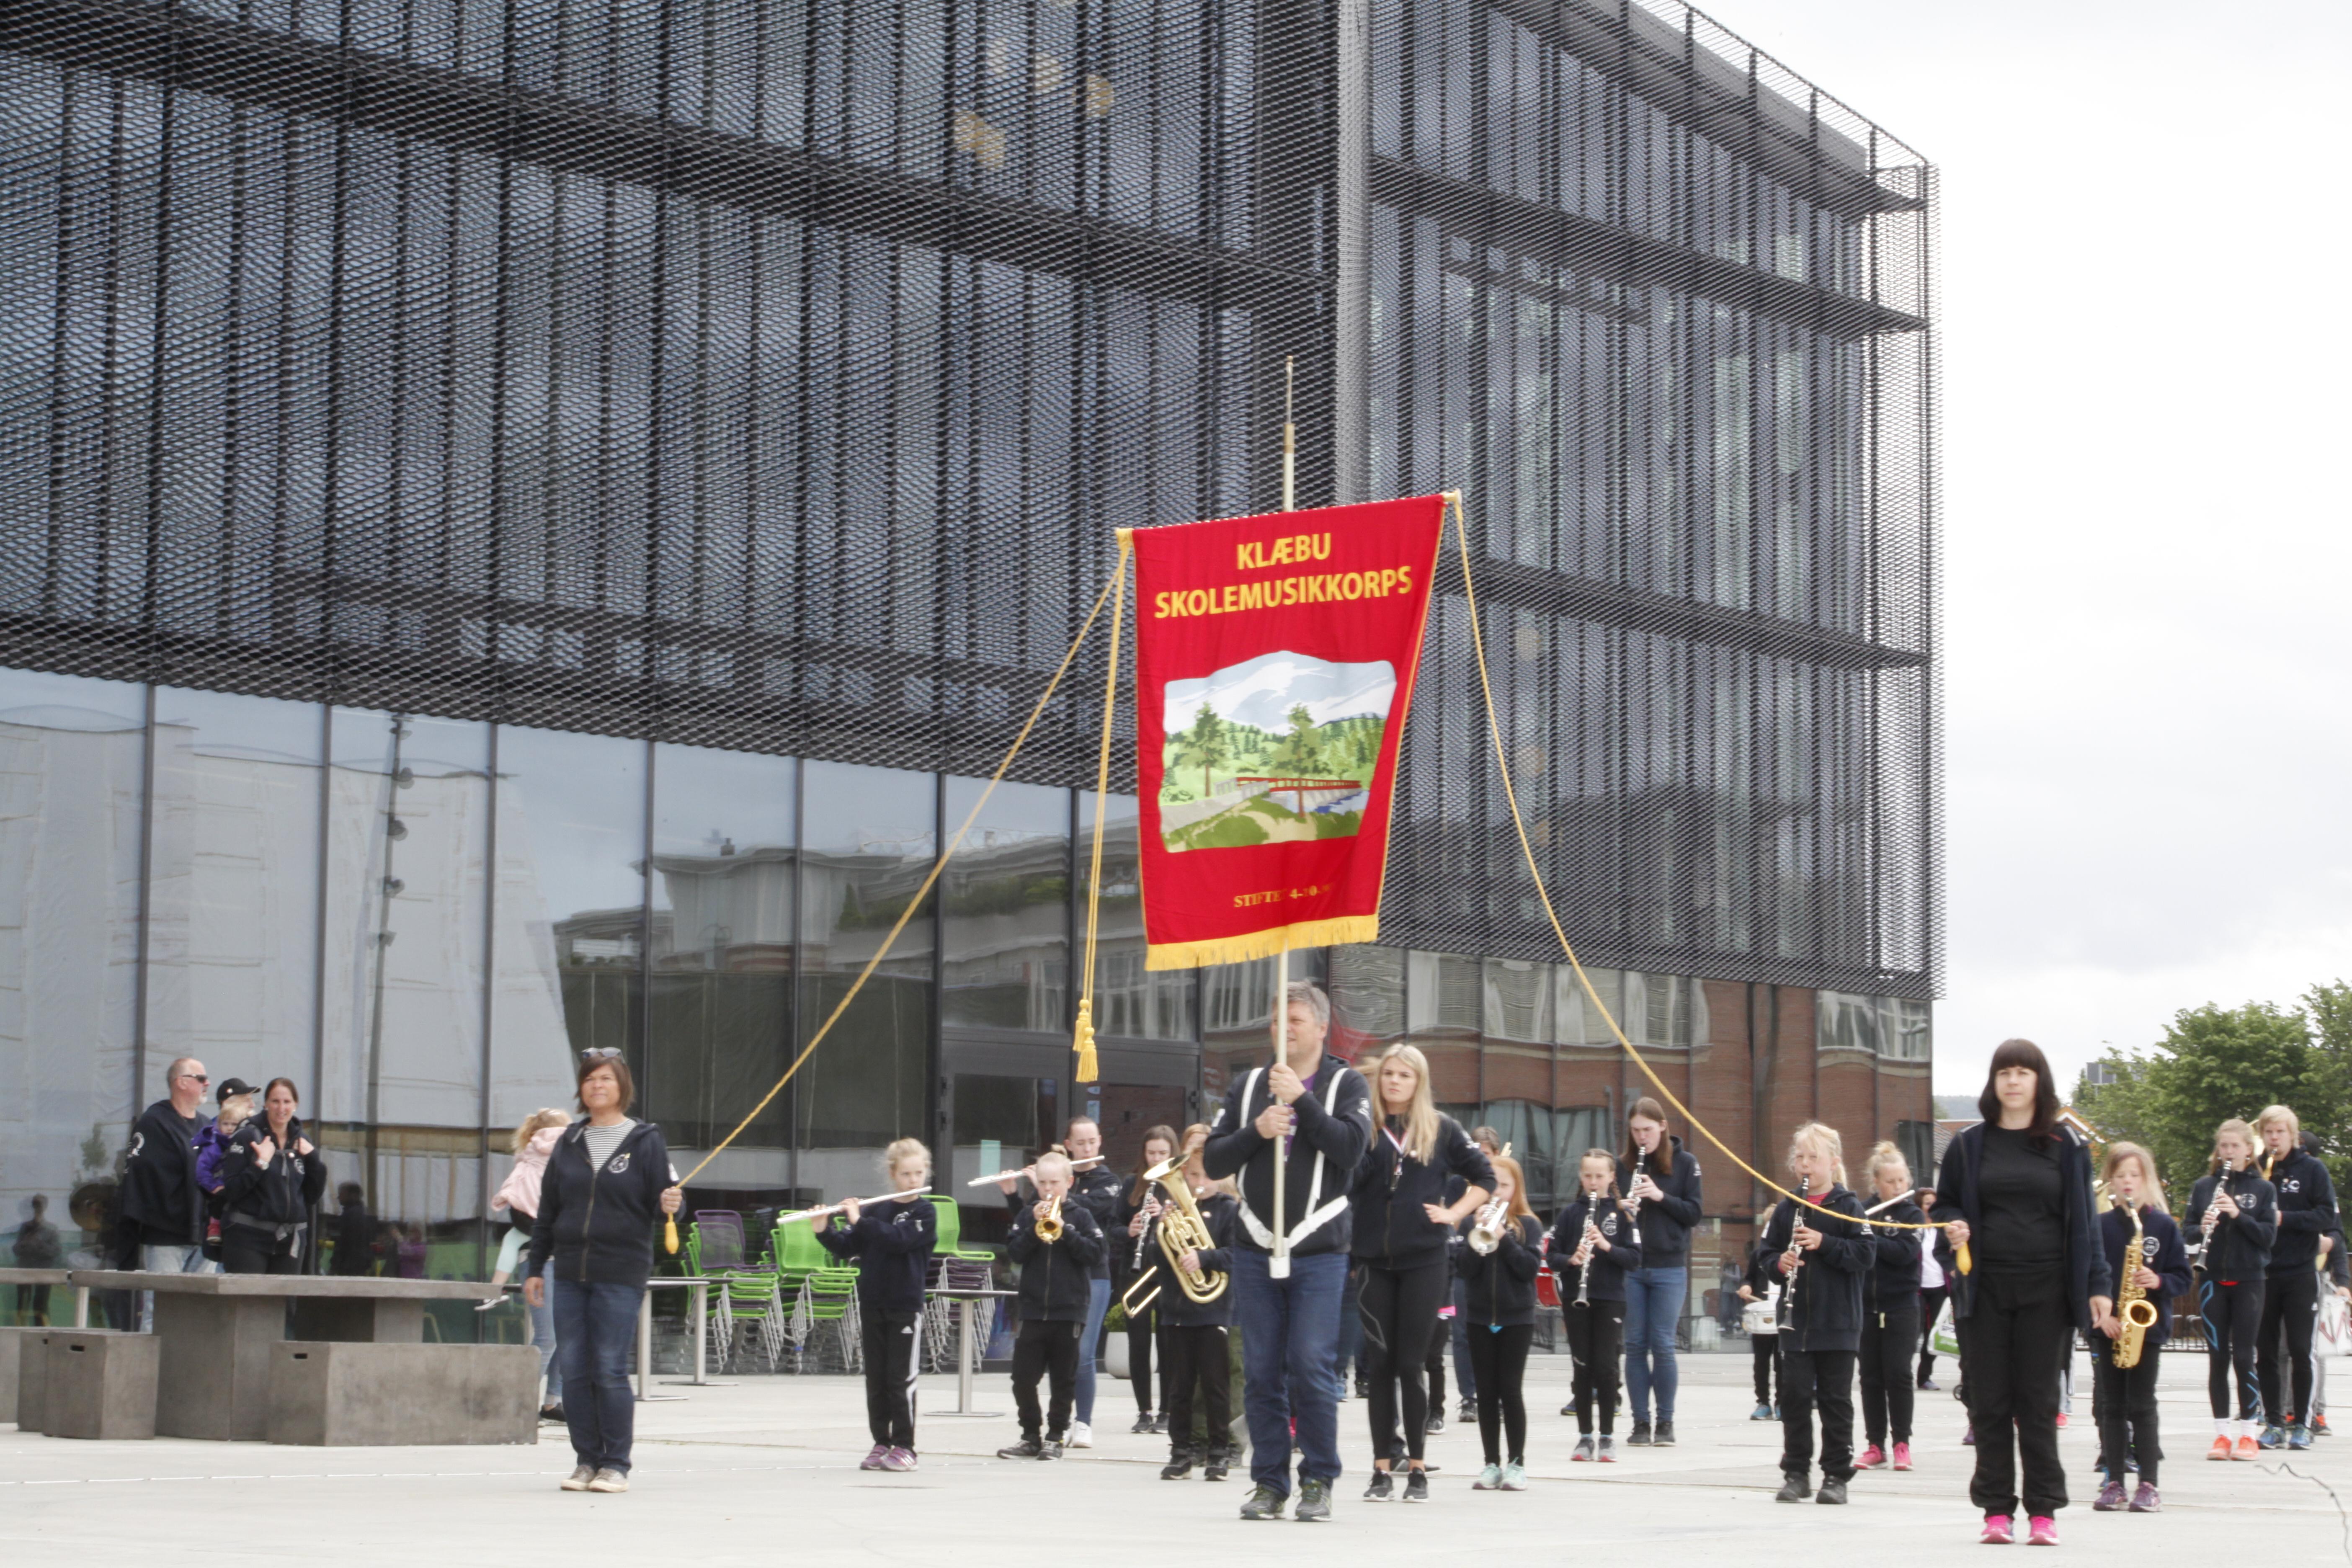 """Blåtur 17.06.2017 til Stjørdal, Meråker og Storlien. Korpskonsert ved Kimen Stjørdal), klatreaktiviteter i Rypetoppen (Meråker) og """"godsihande""""l på Storlien."""